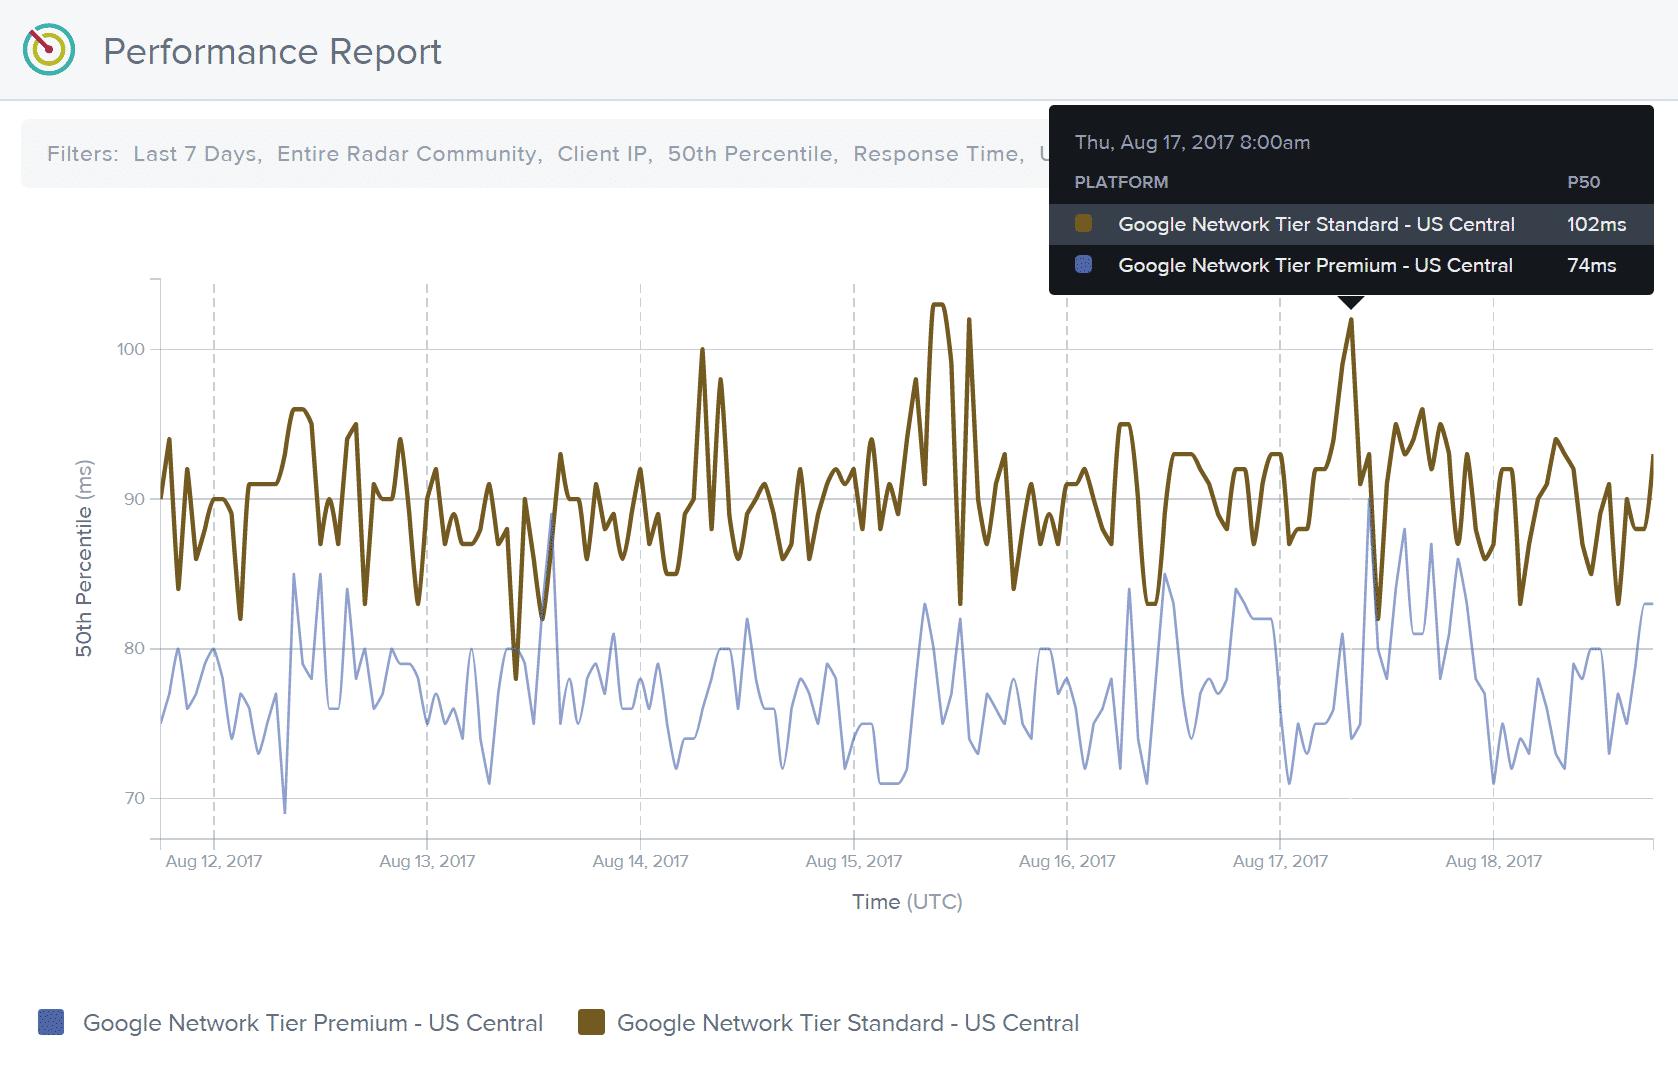 Latência da camada premium vs camada padrão do Google Cloud